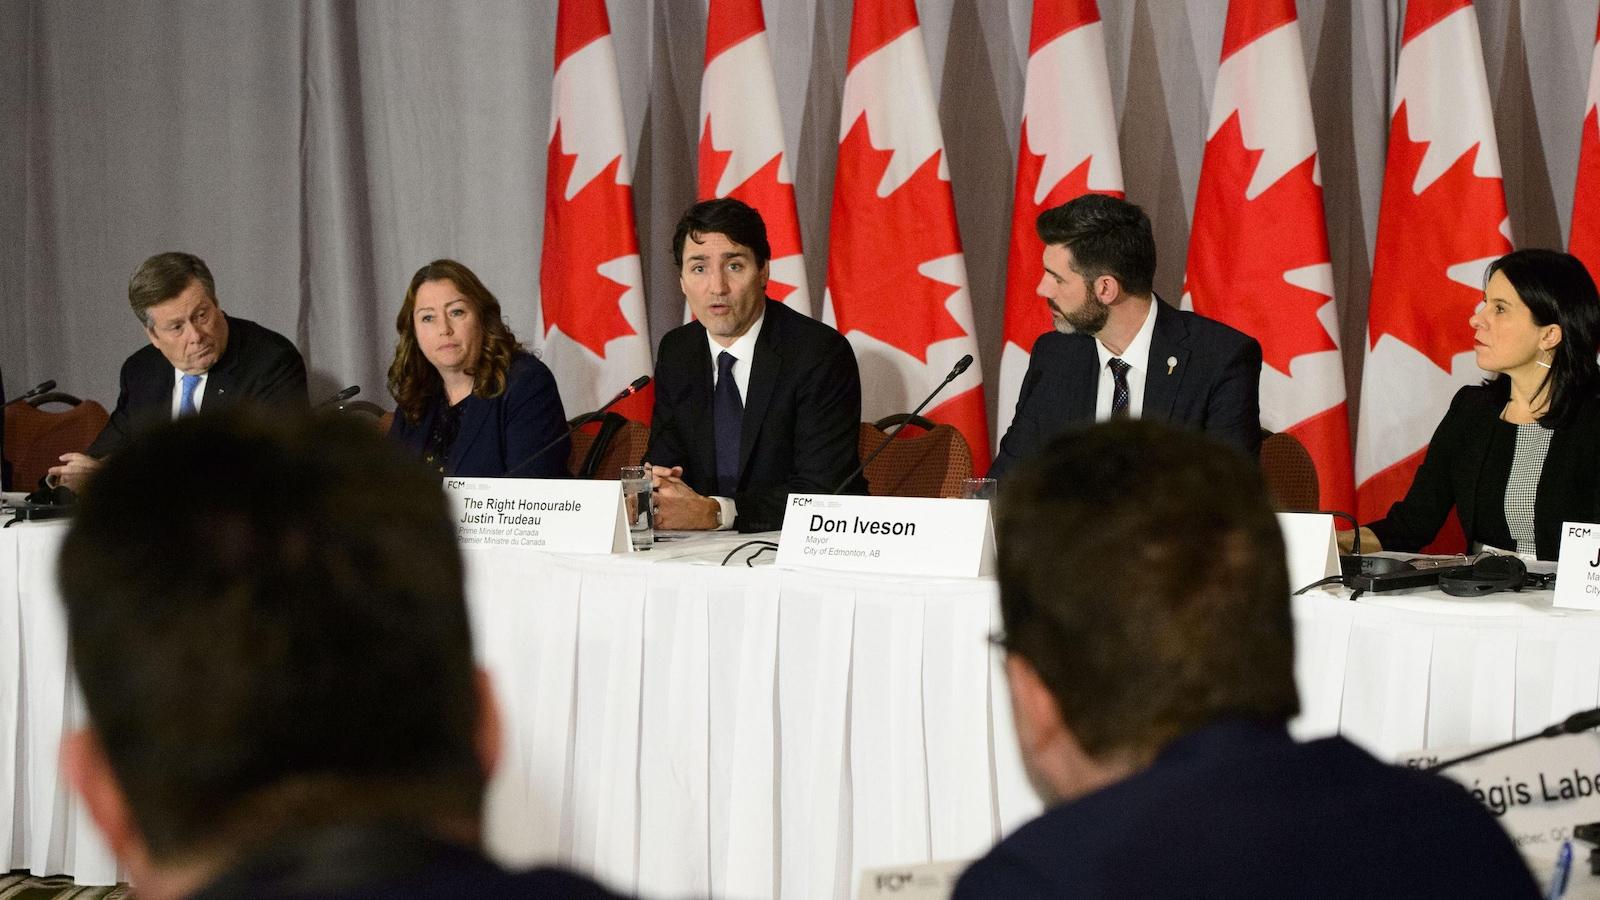 John Tory (maire de Toronto), Vicki-May Hamm (prés. de la FCM et mairesse de Magog), le premier ministre Justin Trudeau, Don Iveson (prés. du caucus des maires de la FCM et maire d'Edmonton) et Valérie Plante (mairesse de Montréal).